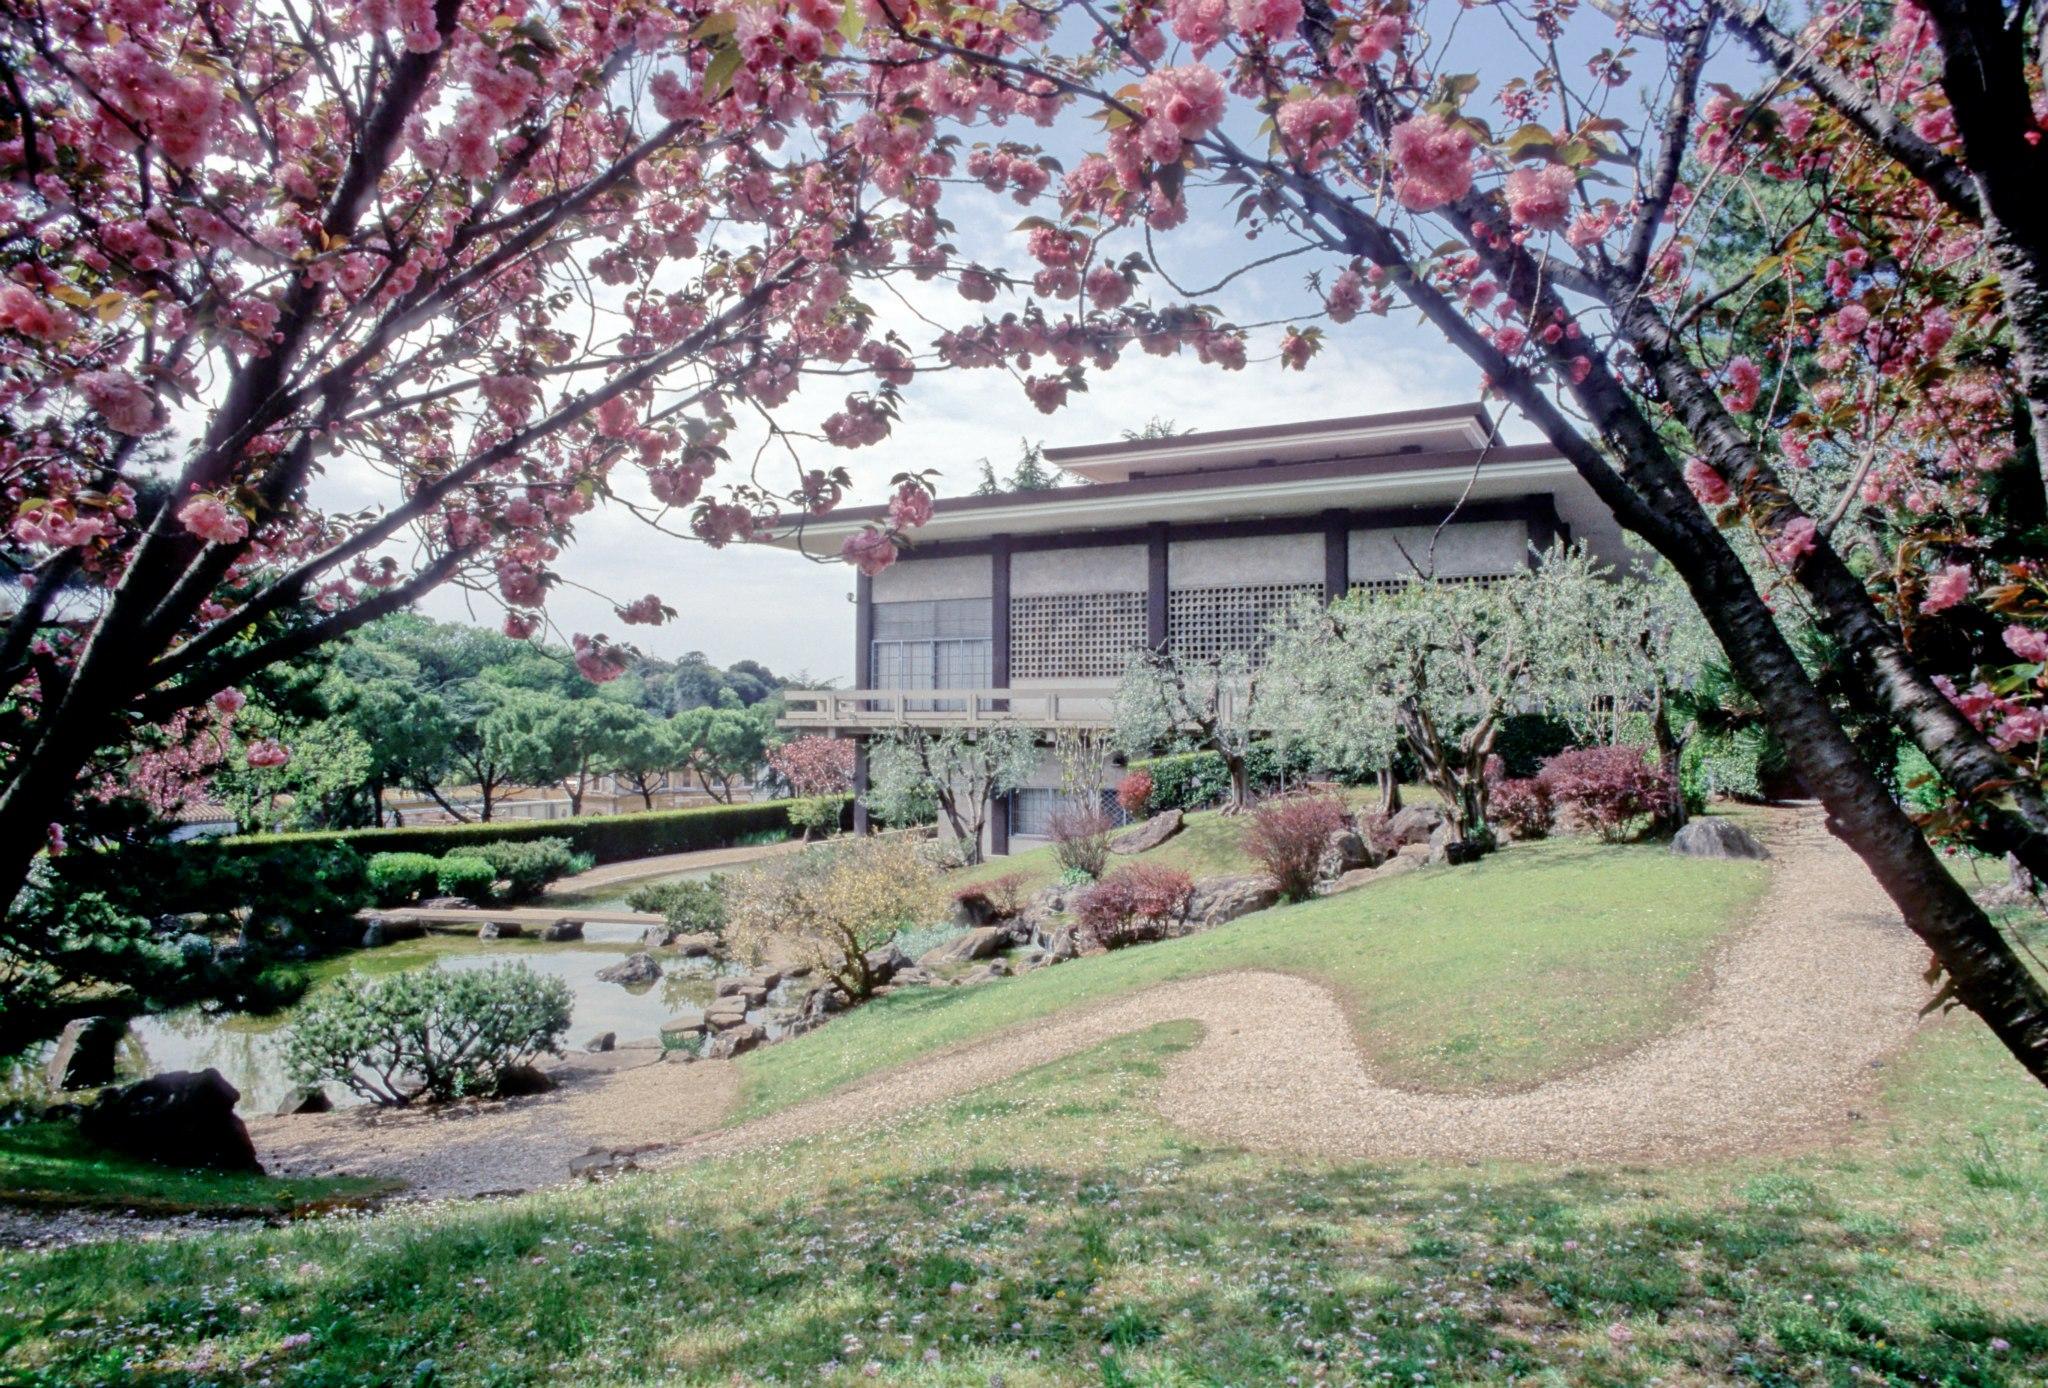 Istituto giapponese di cultura roma zero for Giardini giapponesi milano